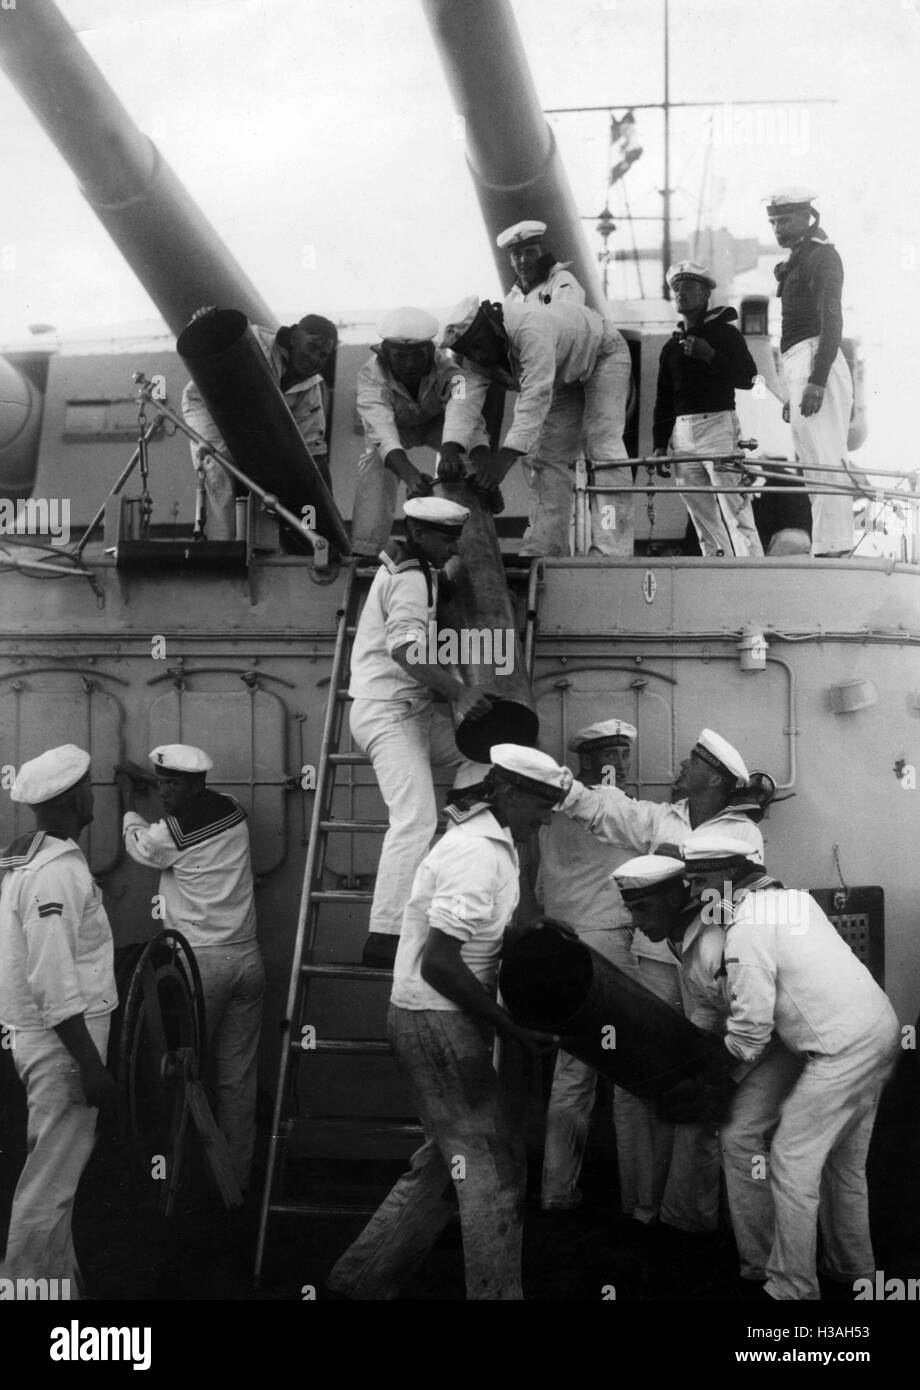 Artillerie-Bohrer an Bord eines deutschen Kreuzers, 1935 Stockfoto